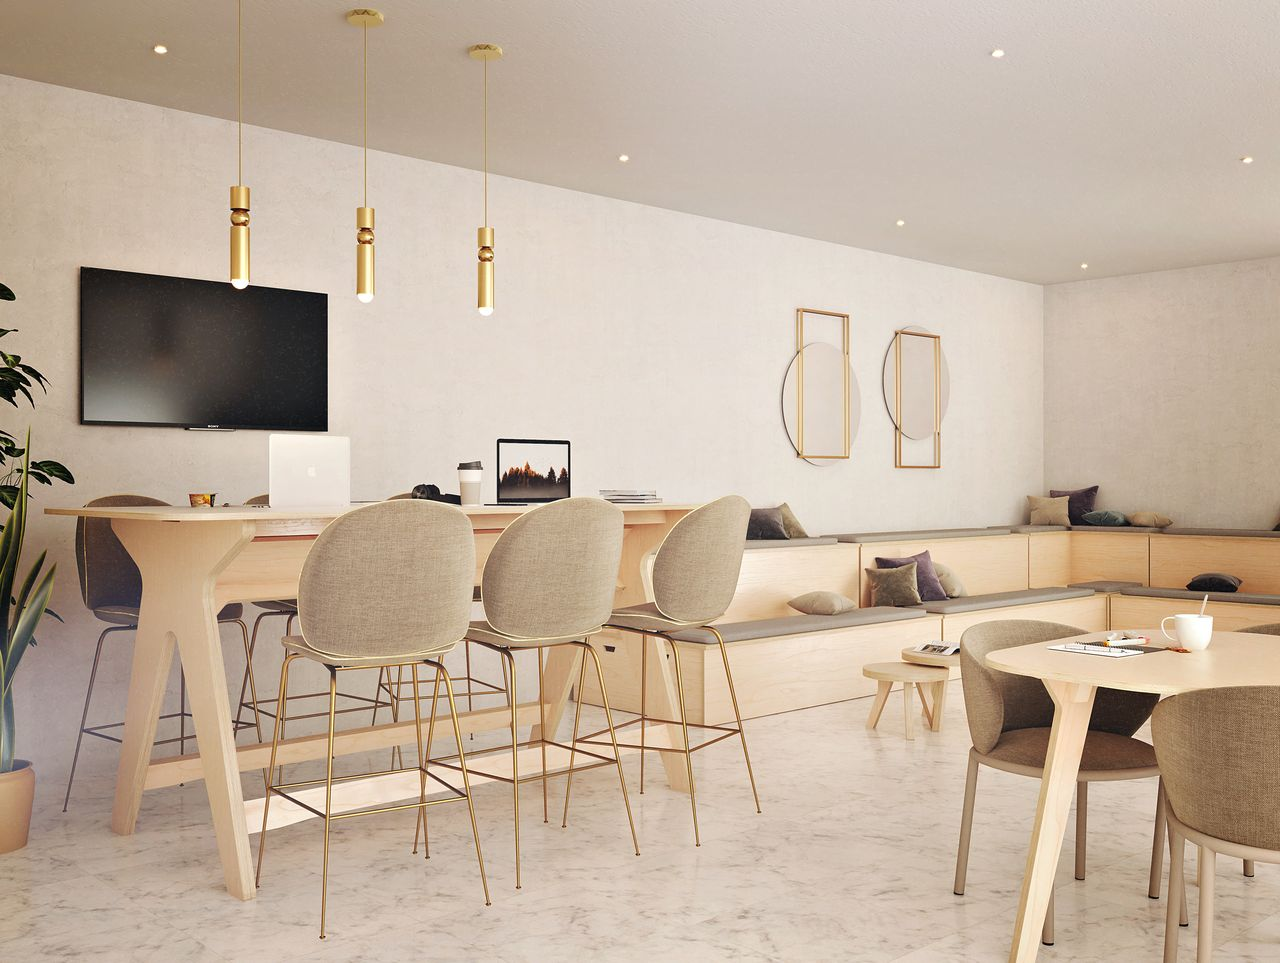 Table de réunion debout située dans une salle de réunion informelle à l'ambiance et au style contemporain avec des luminaires, des estrades modernes et une télévision avec des ordinateurs posés dessus.